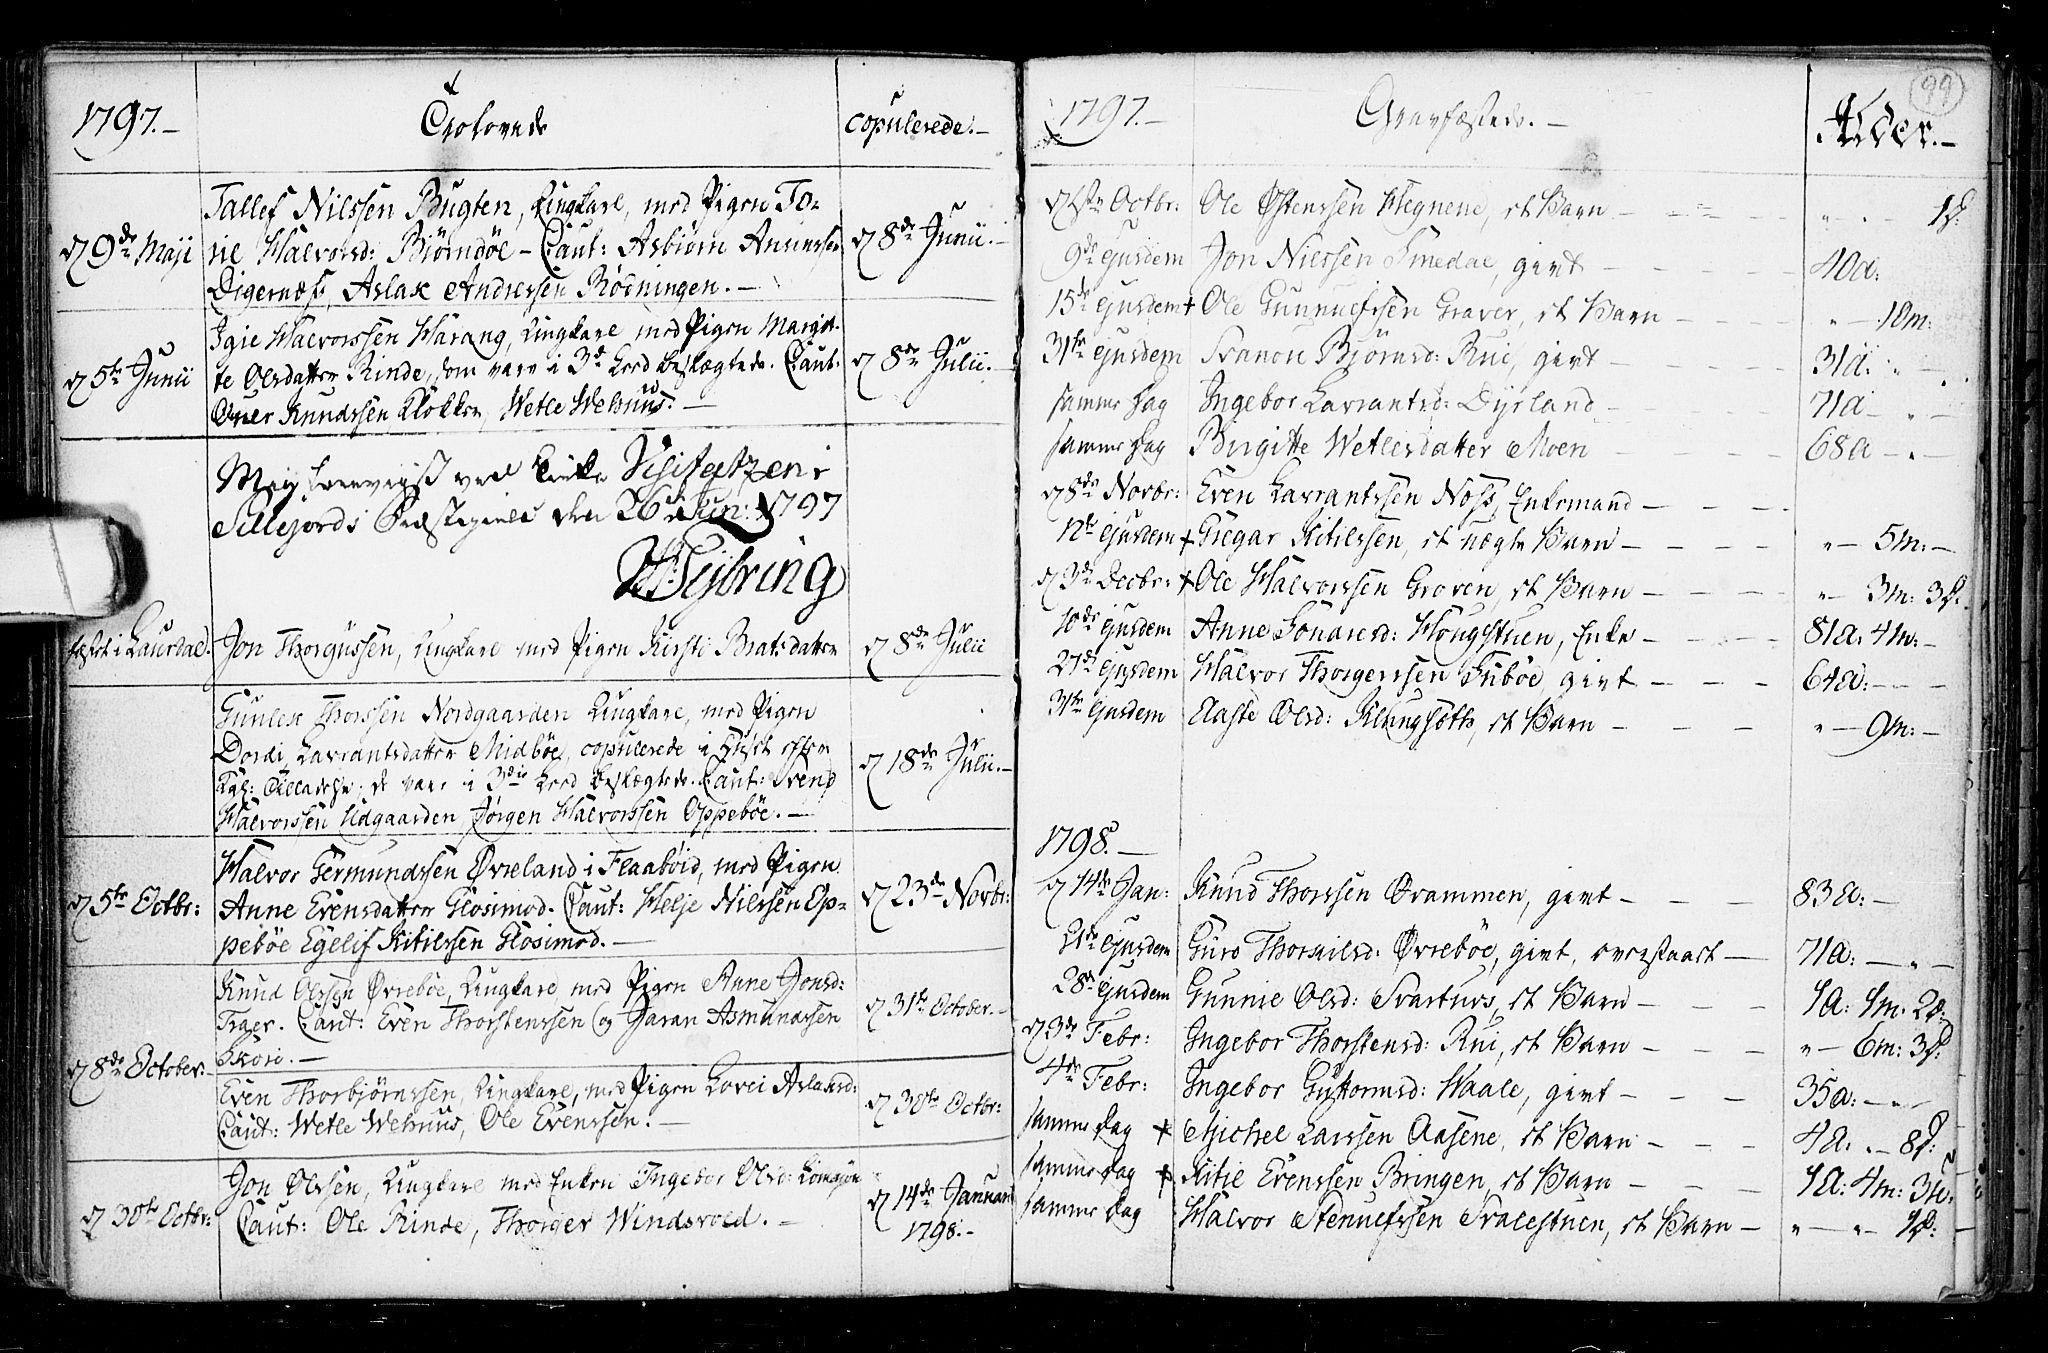 SAKO, Seljord kirkebøker, F/Fa/L0008: Ministerialbok nr. I 8, 1755-1814, s. 99